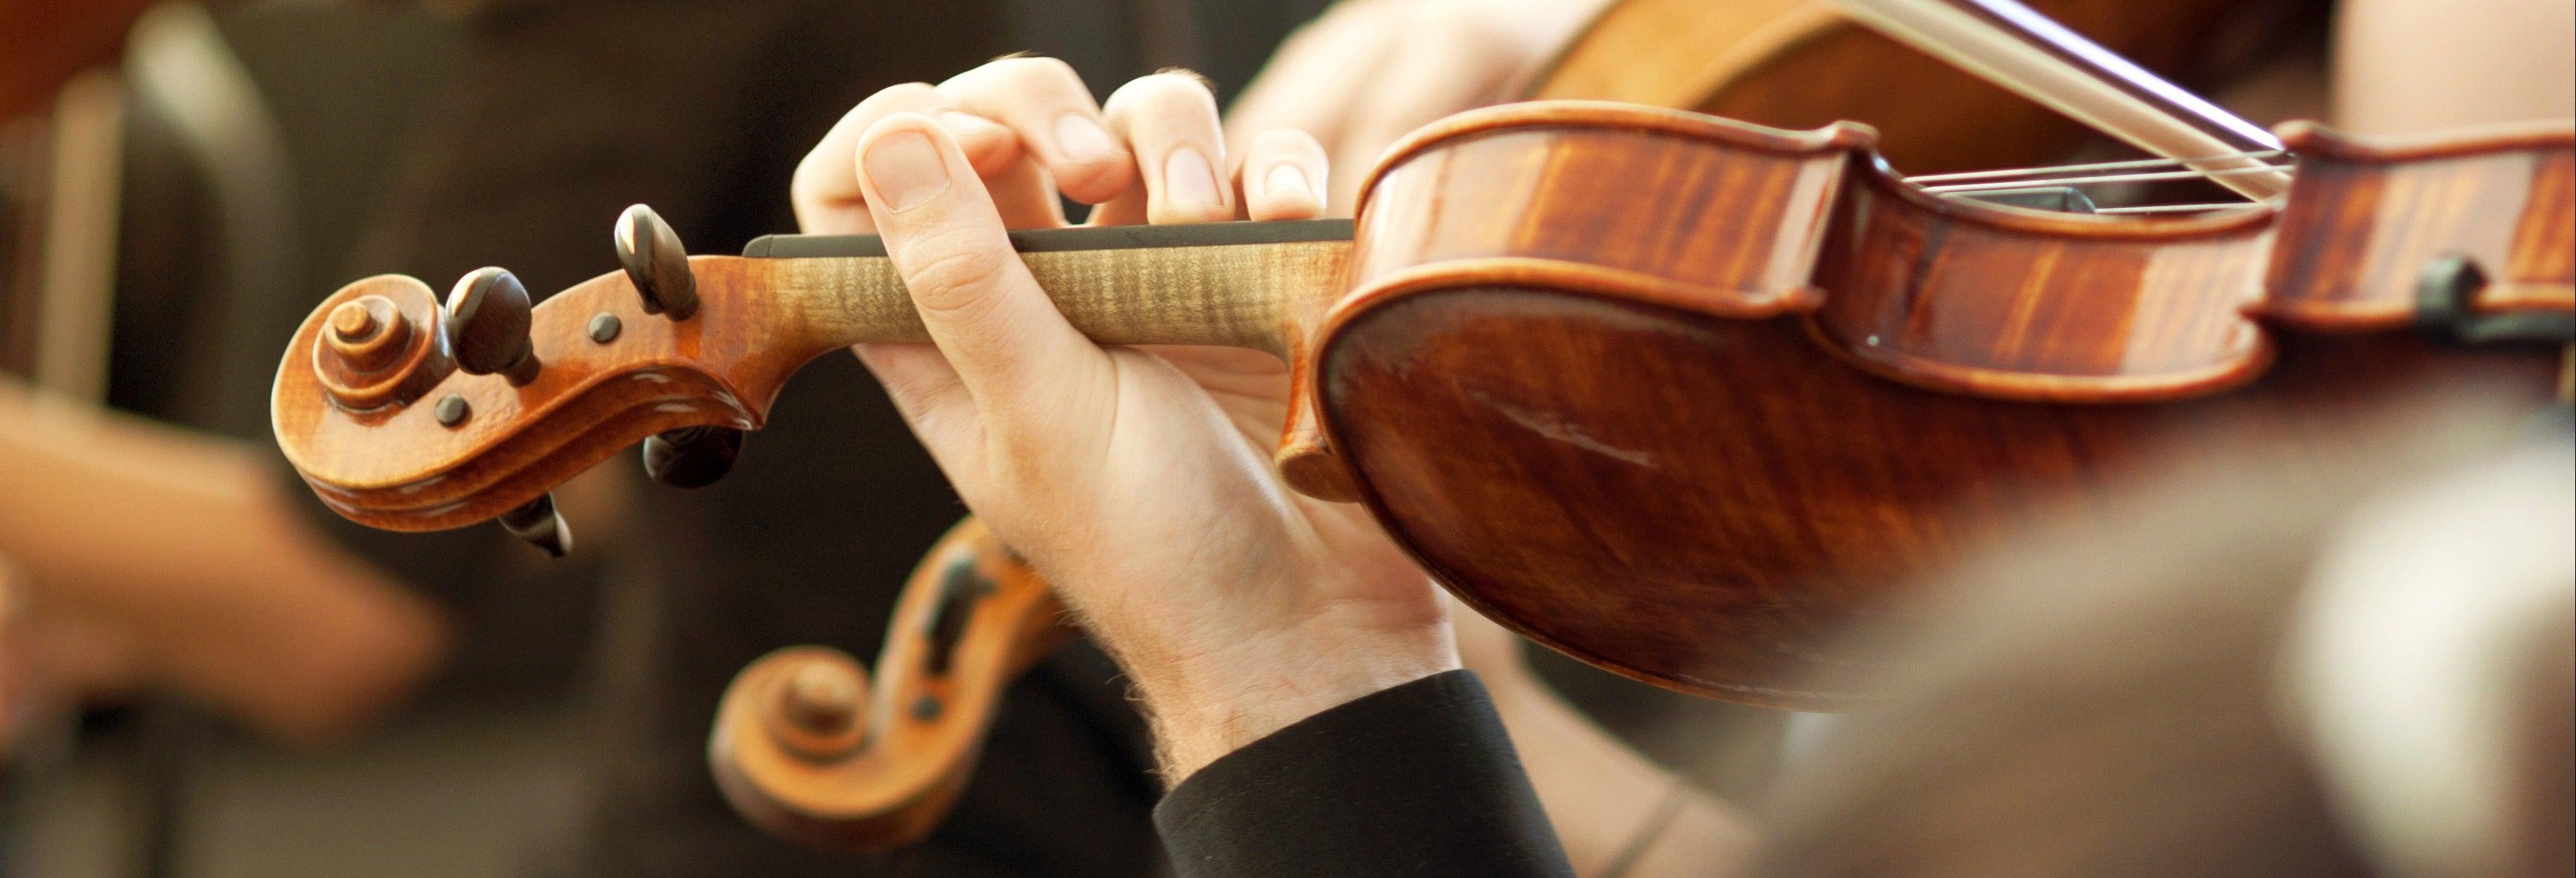 Concierto de música clásica en la Madeleine